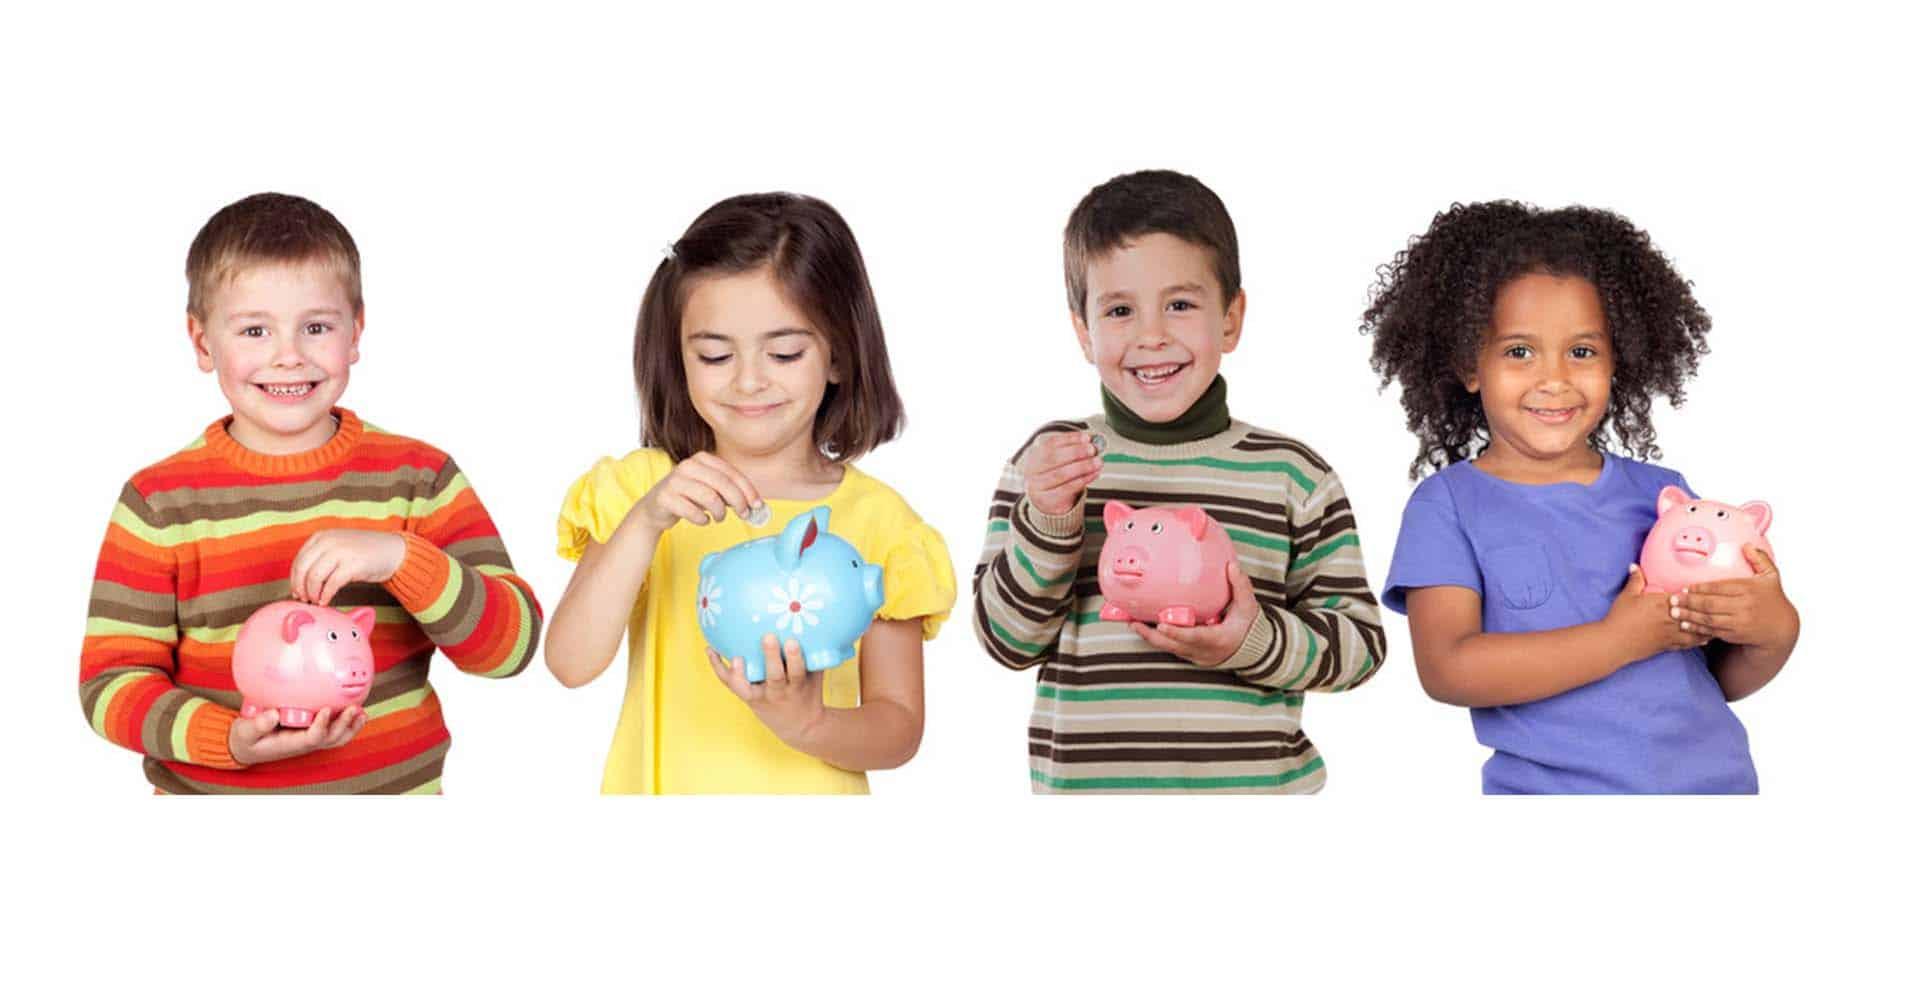 AEGON Ahorro - Formas divertidas de fomentar la cultura financiera en los niños